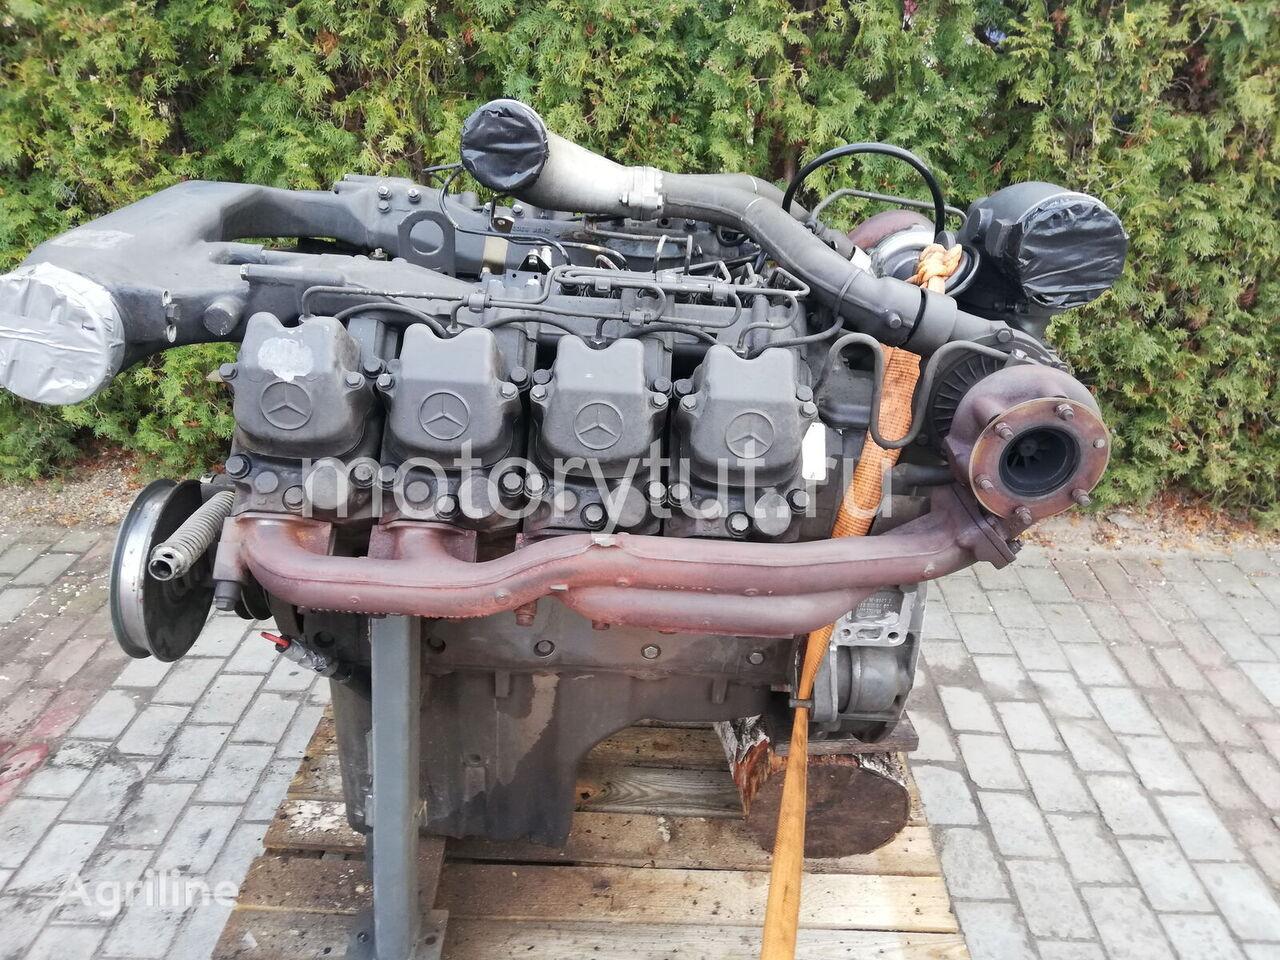 MERCEDES-BENZ OM402LA (402.901-504) engine for CLAAS Jaguar 840 grain harvester